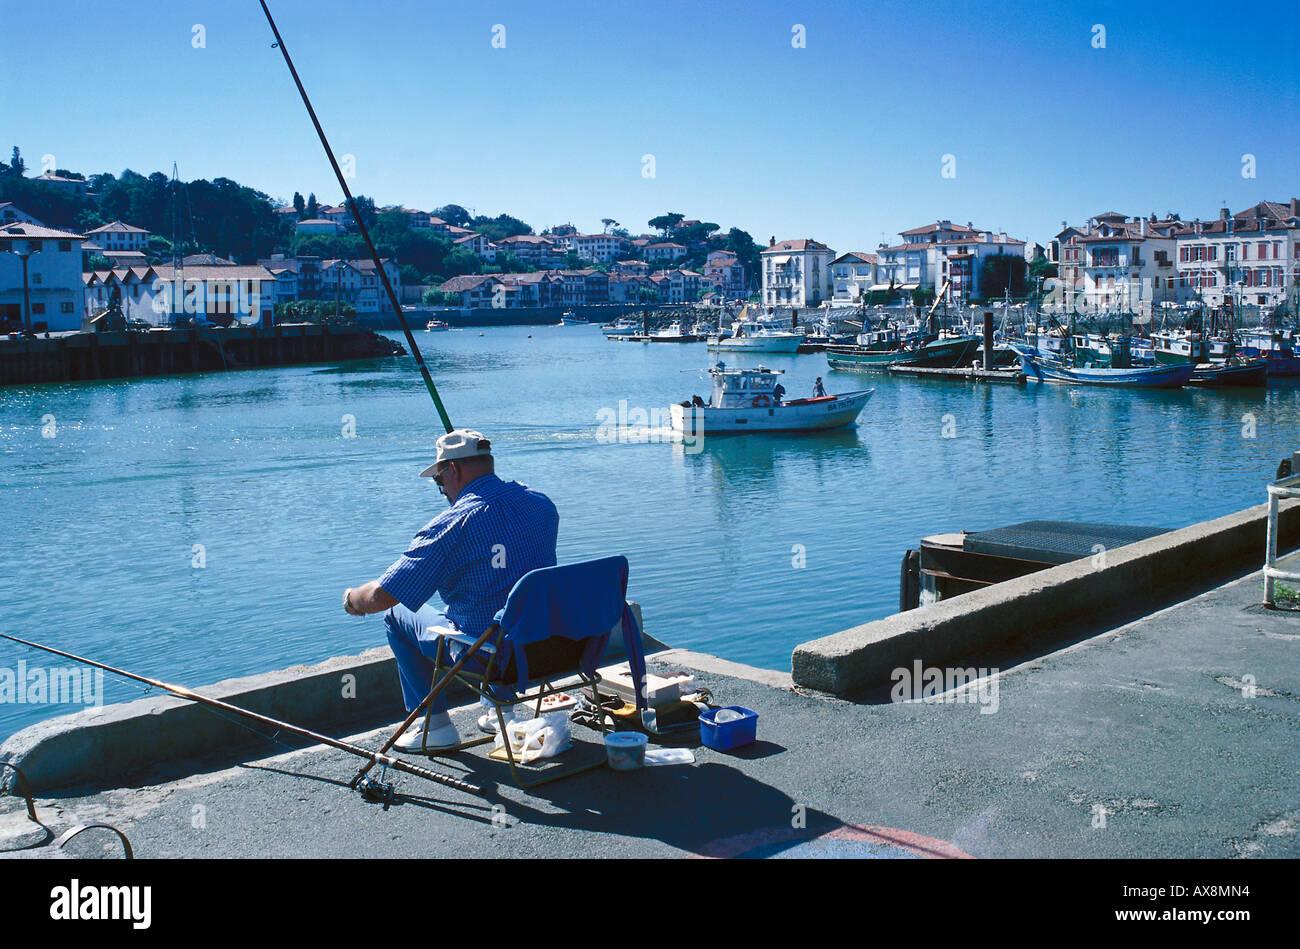 Fisher, St. Jean-de Luz, Pays Basque France - Stock Image